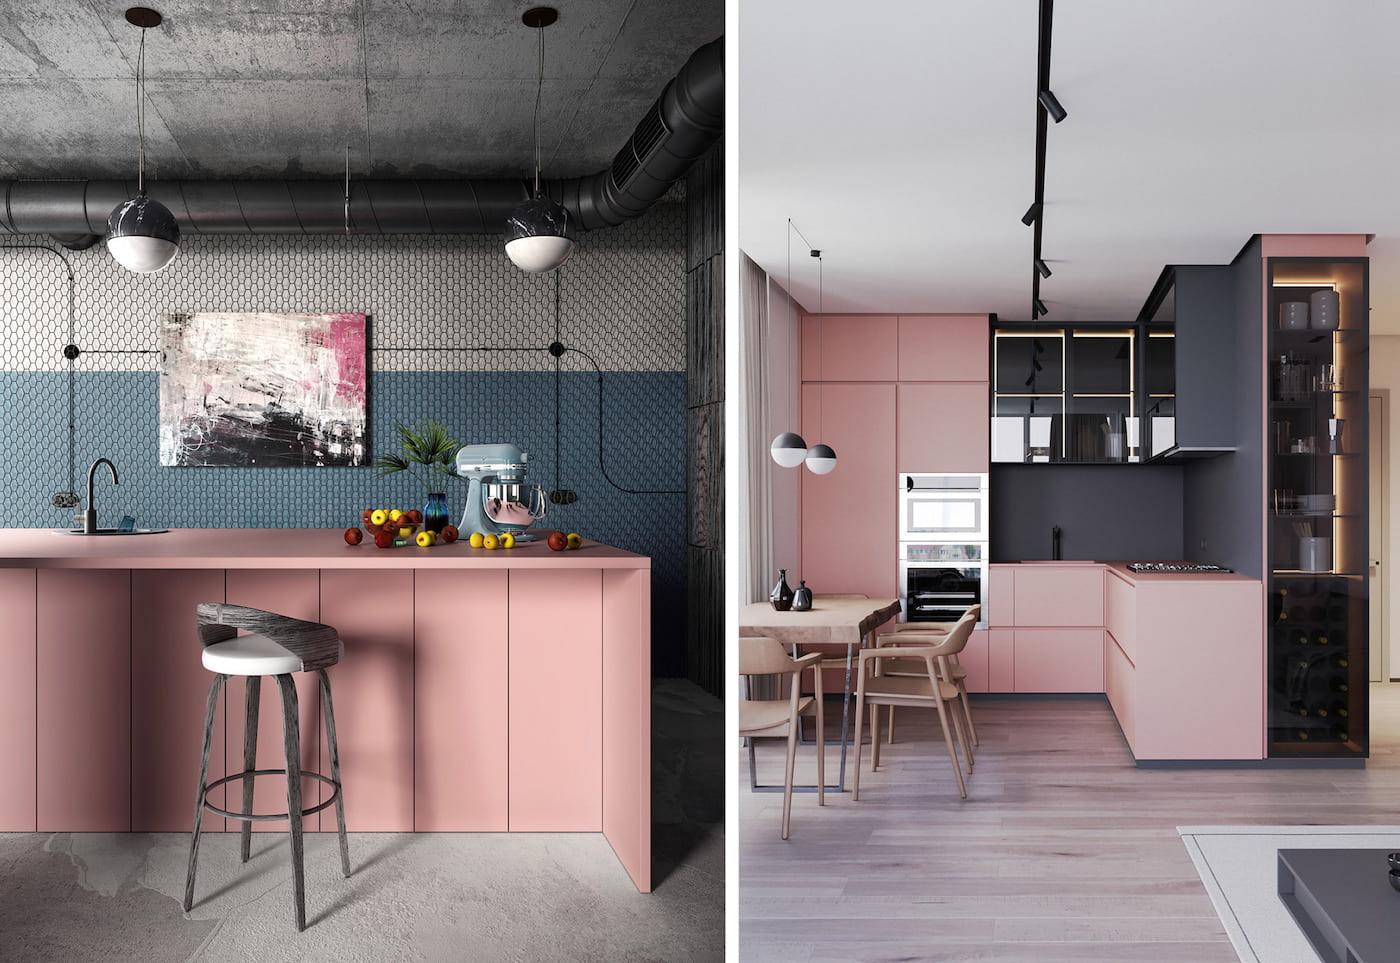 Модно и стильно смотрится пудровый оттенок кухни